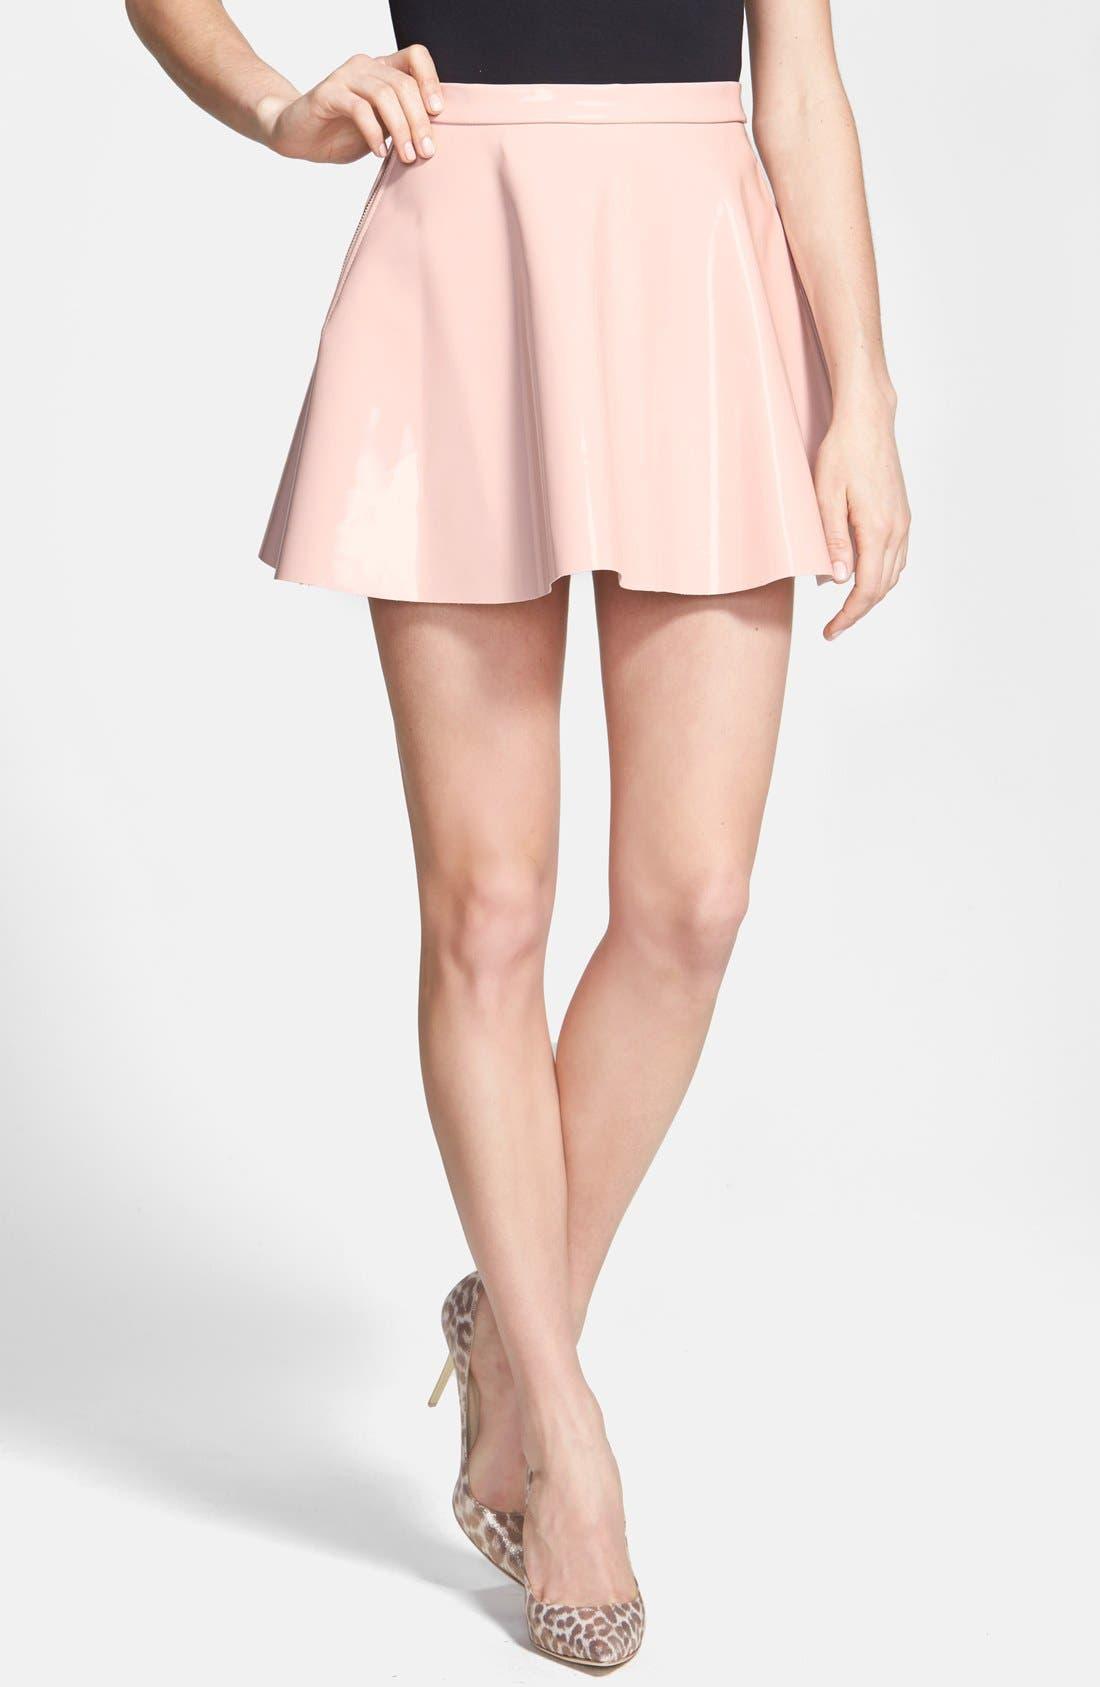 Alternate Image 1 Selected - Glamorous Vinyl Skater Skirt